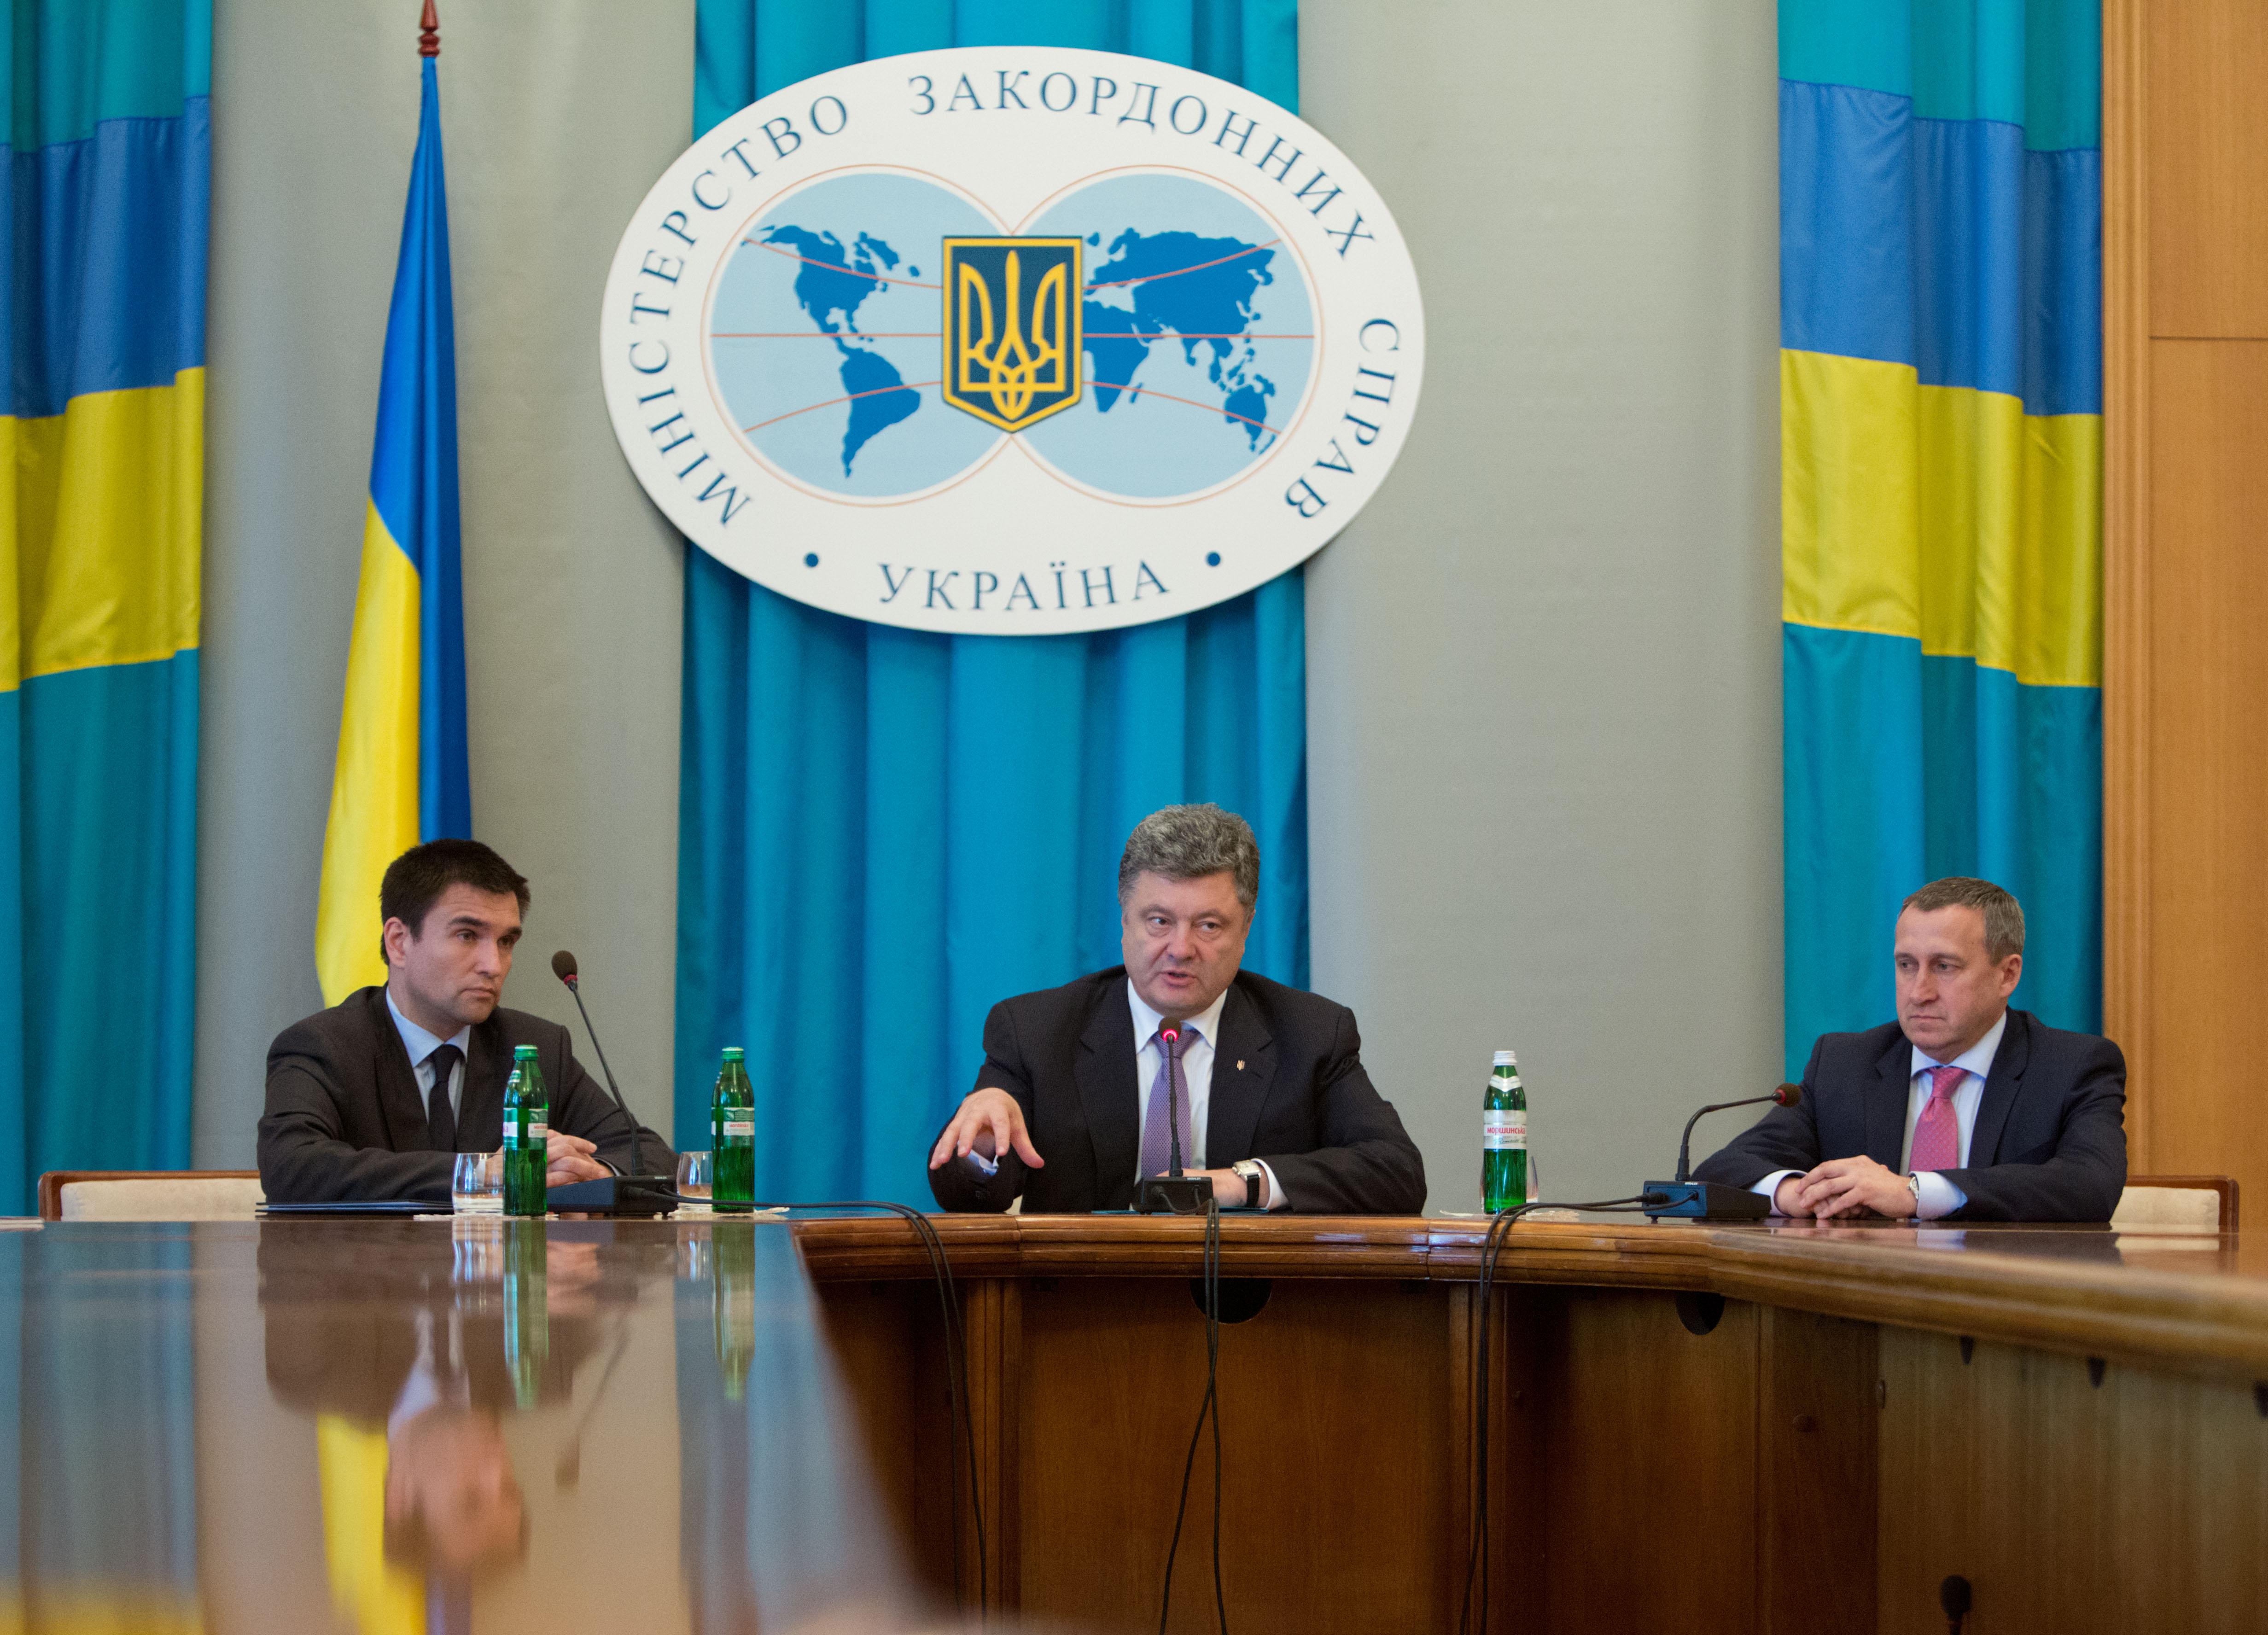 Новый глава МИД Украины Павел Климкин, президент Украины Петр Порошенко и бывший глава МИД Андрей Дещица (слева направо) во время встречи